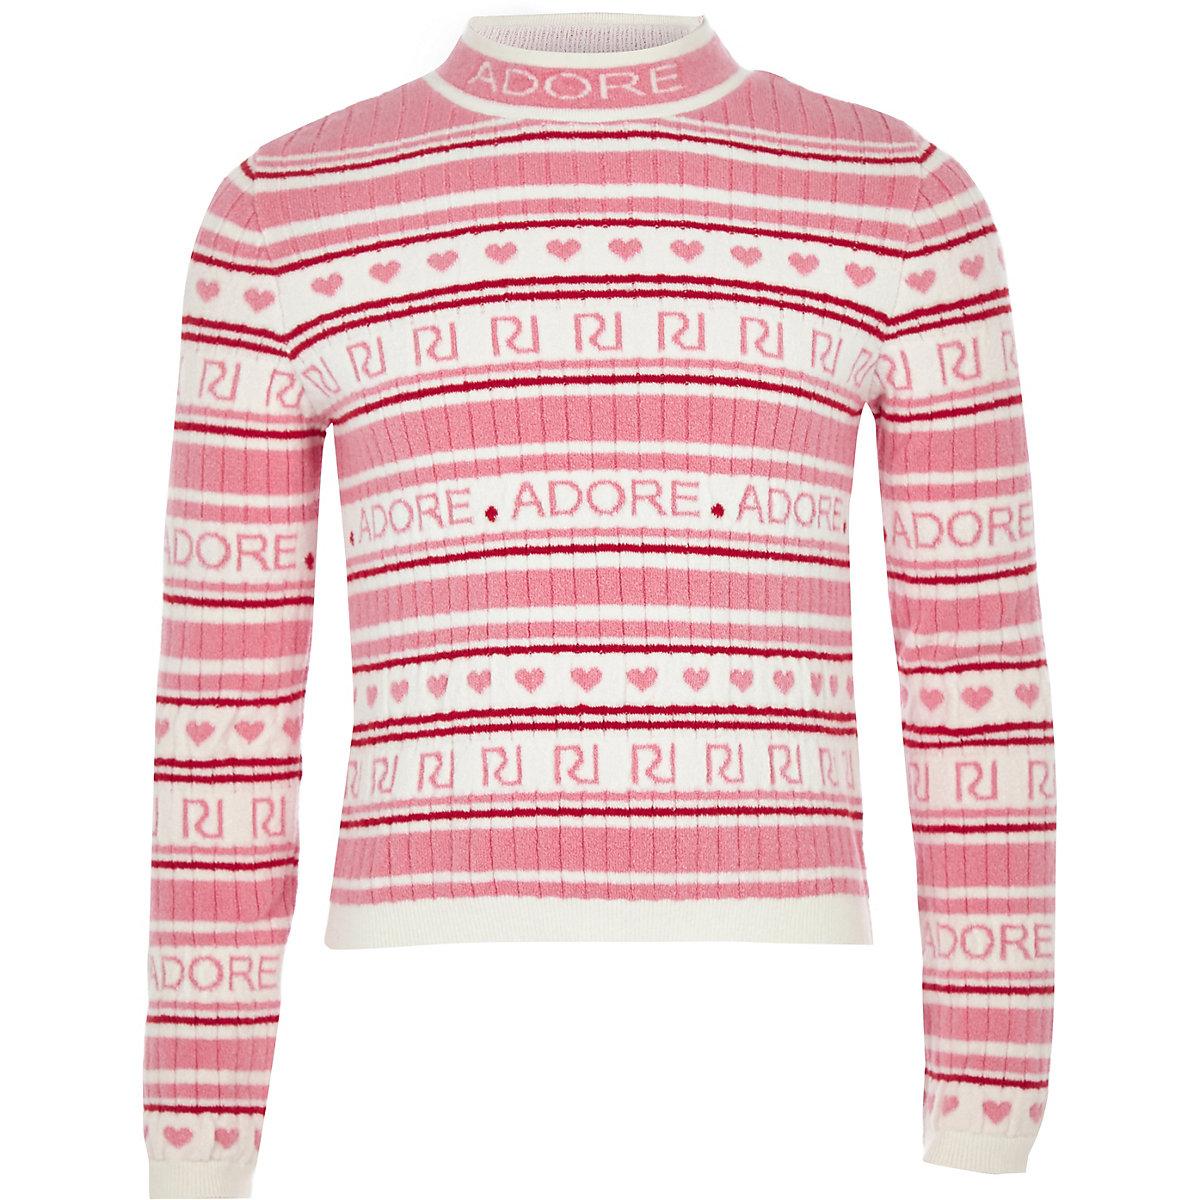 Girls pink RI 'Adore' knit sweater